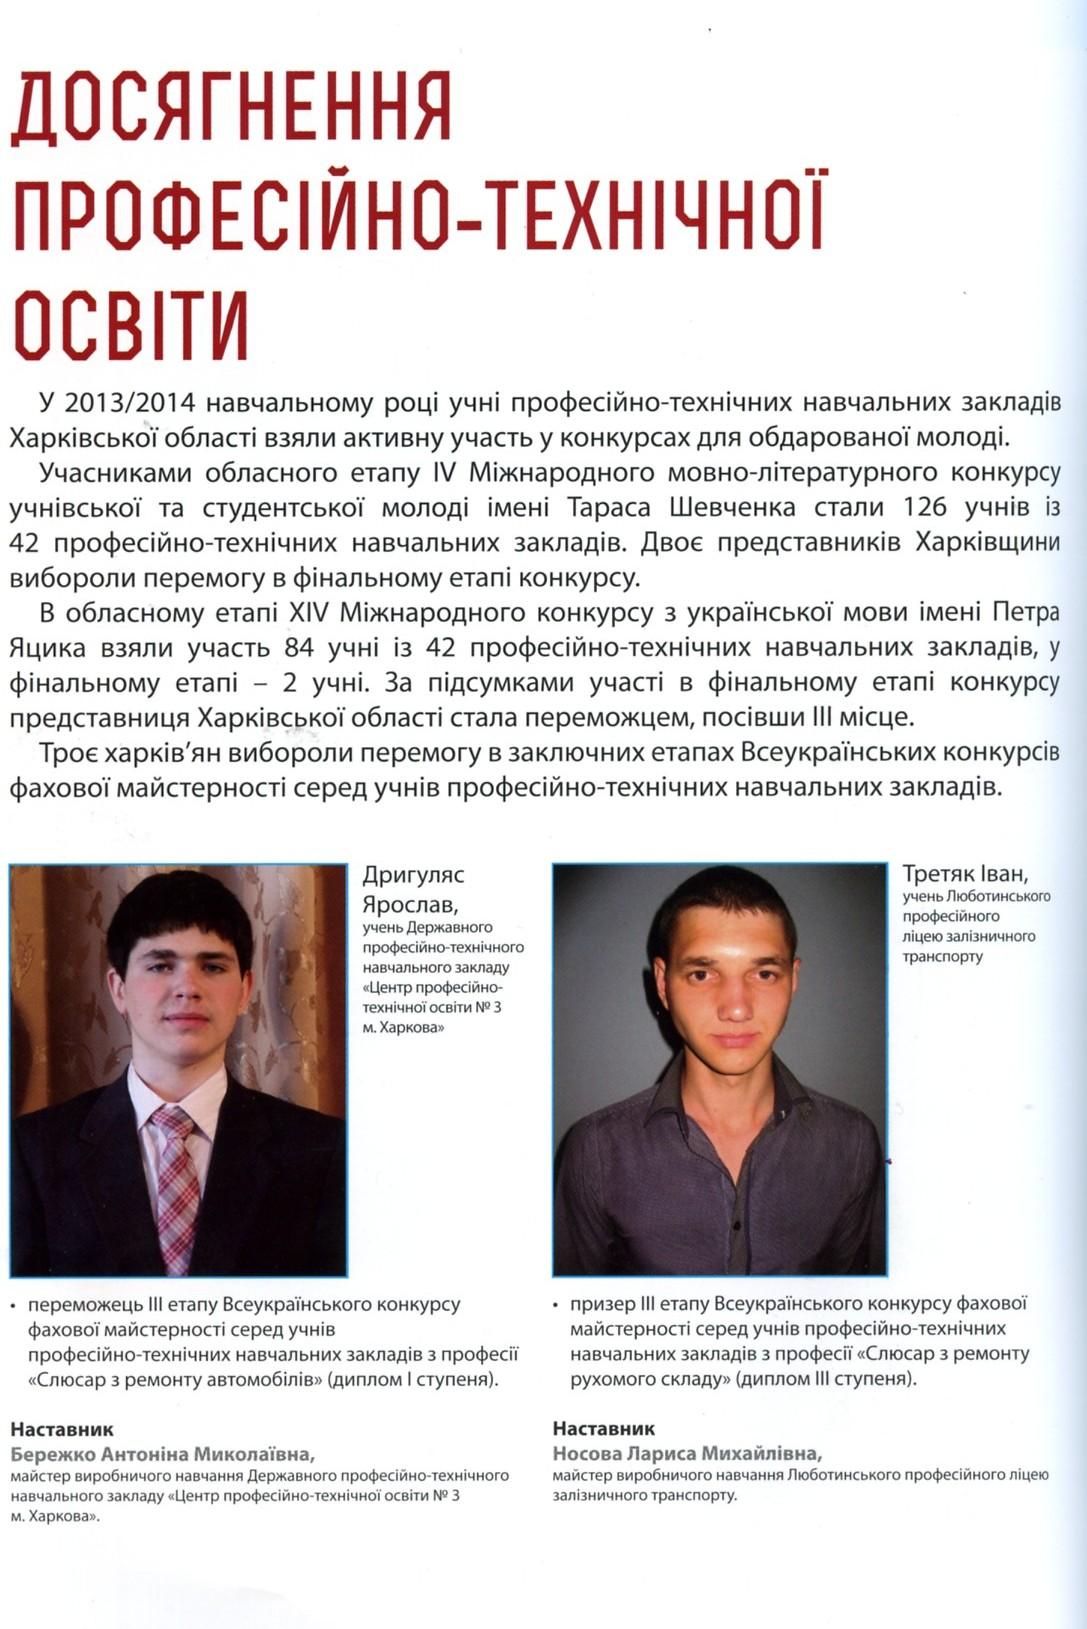 Протоколи фінального конкурсу імені тараса шевченка 2017 2017